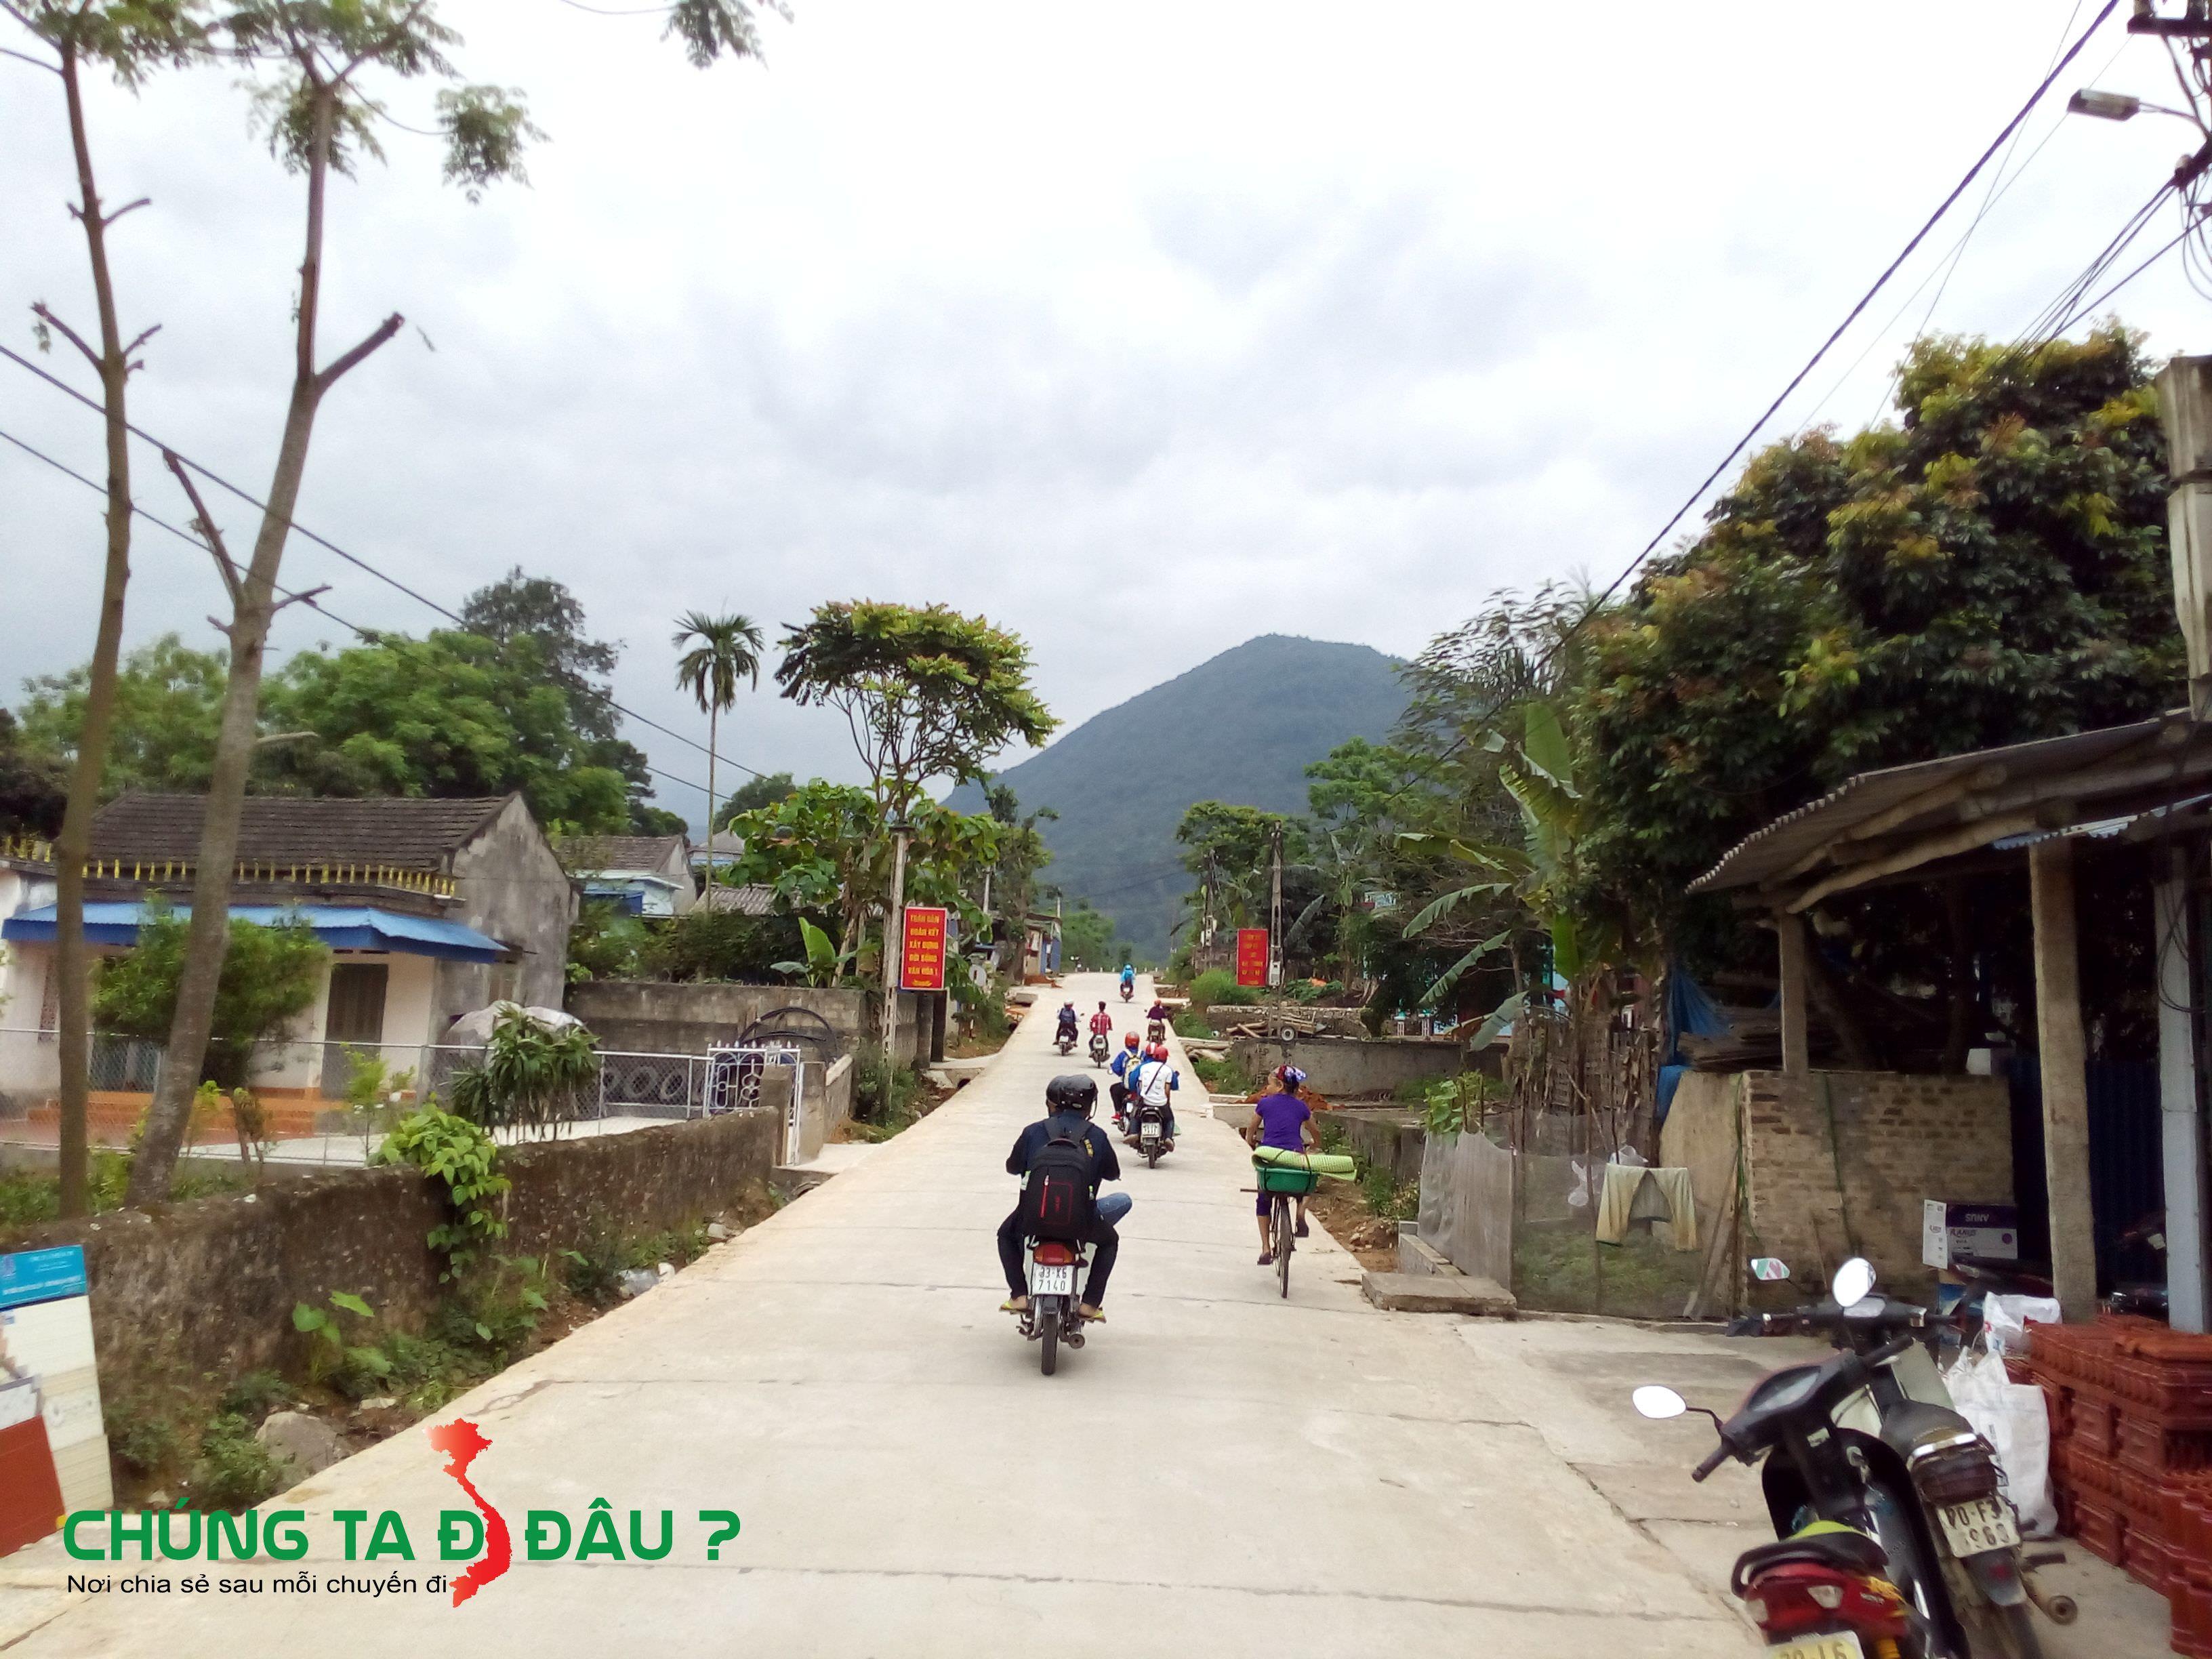 Đừng vào suối Kẹm đoạn qua cổng chào làng chè La Bằng